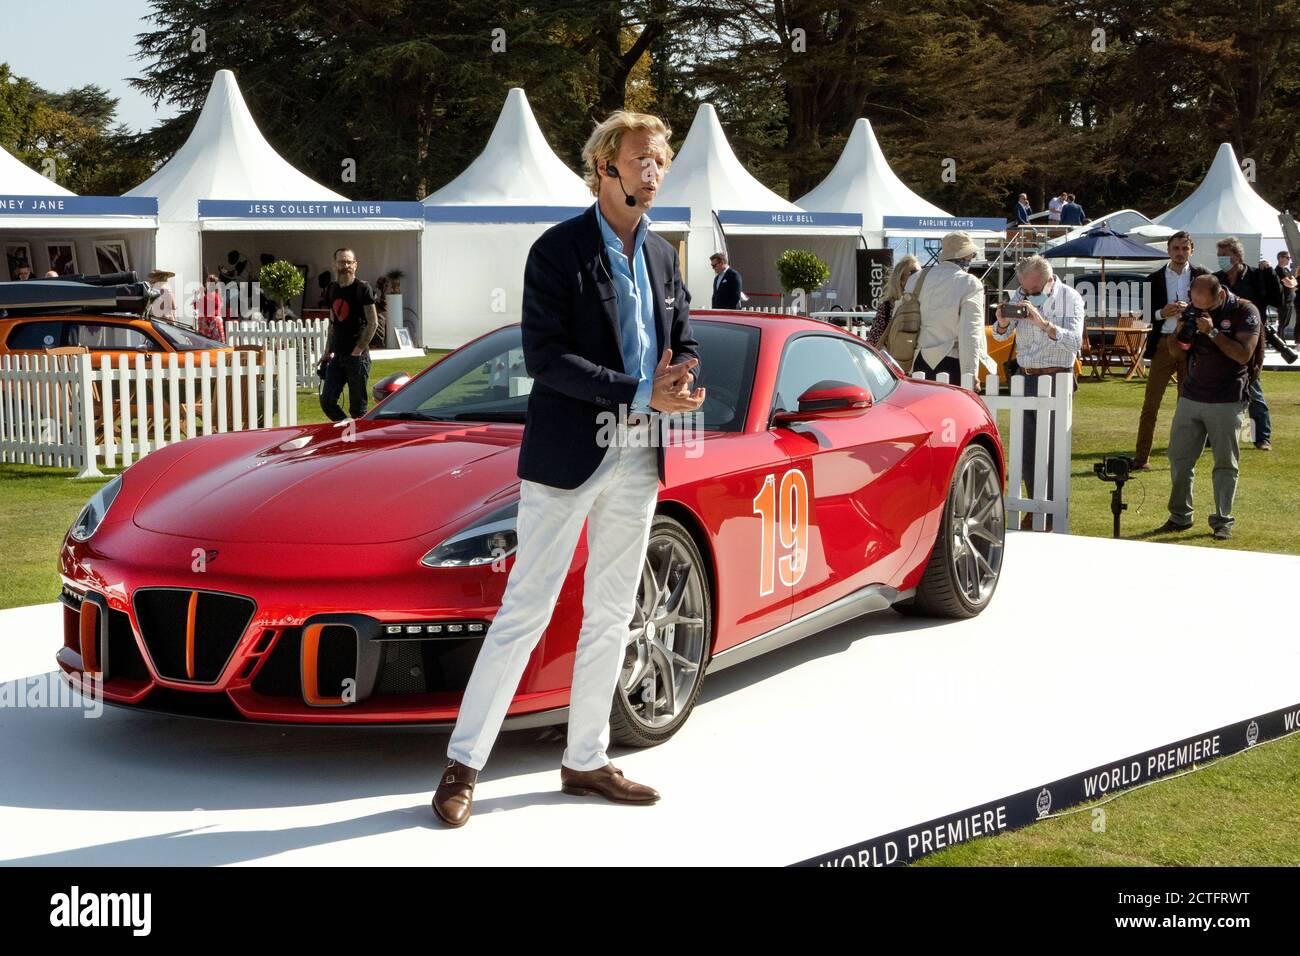 Louis de Fabribeckers présente le Touring Superleggera Aero 3 World Premier ministre au salon Prive 2020 Banque D'Images